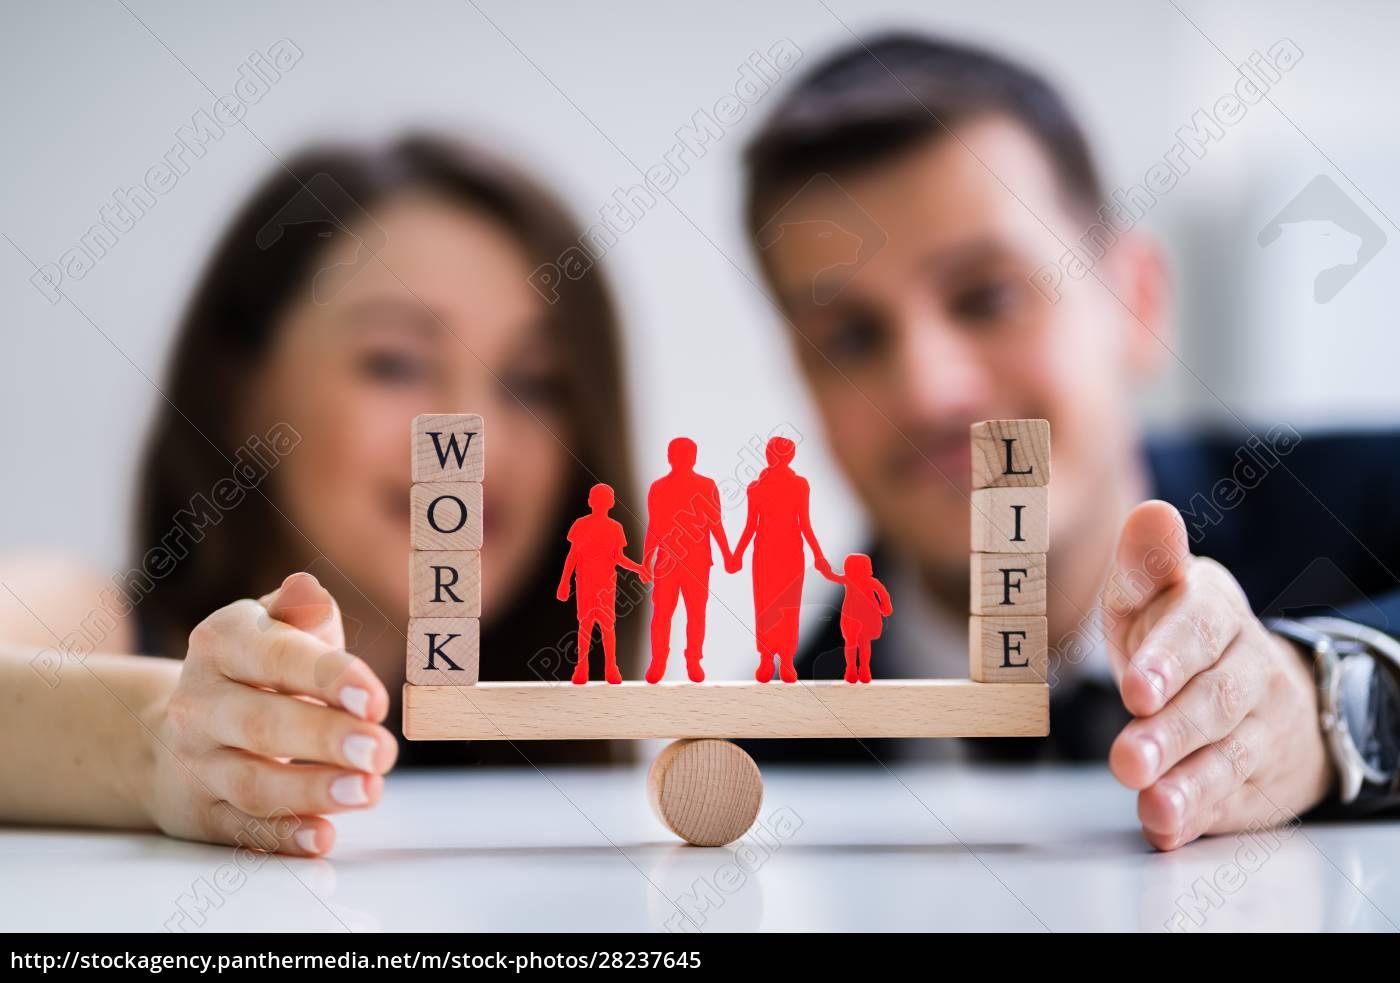 para, chroniąca, równowagę, między, pracą, a - 28237645